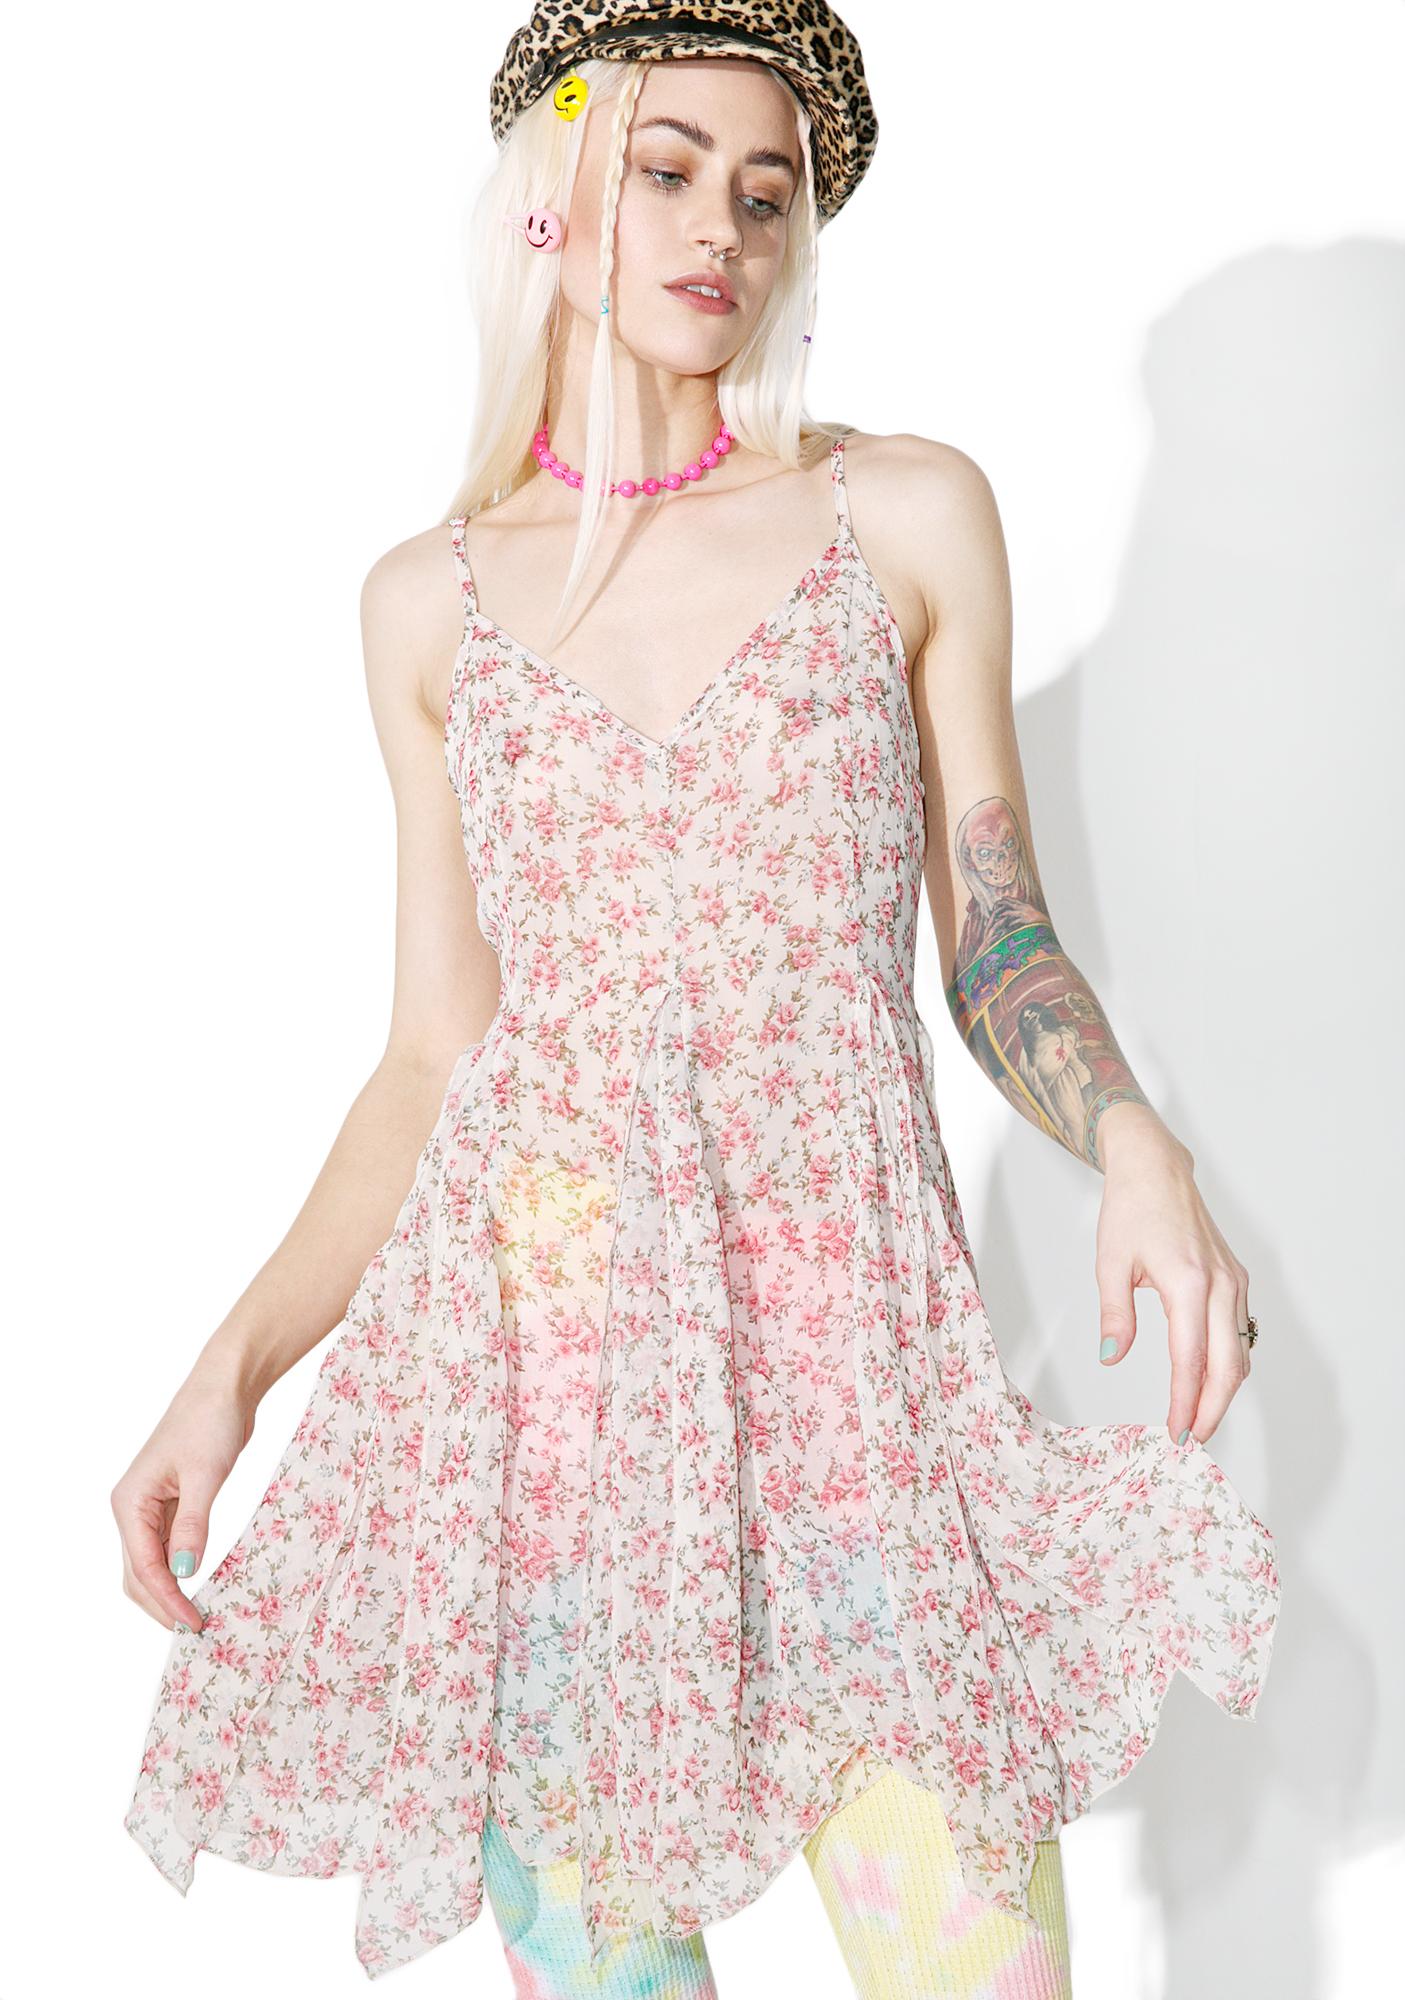 Sheer Floral White Slip Dress